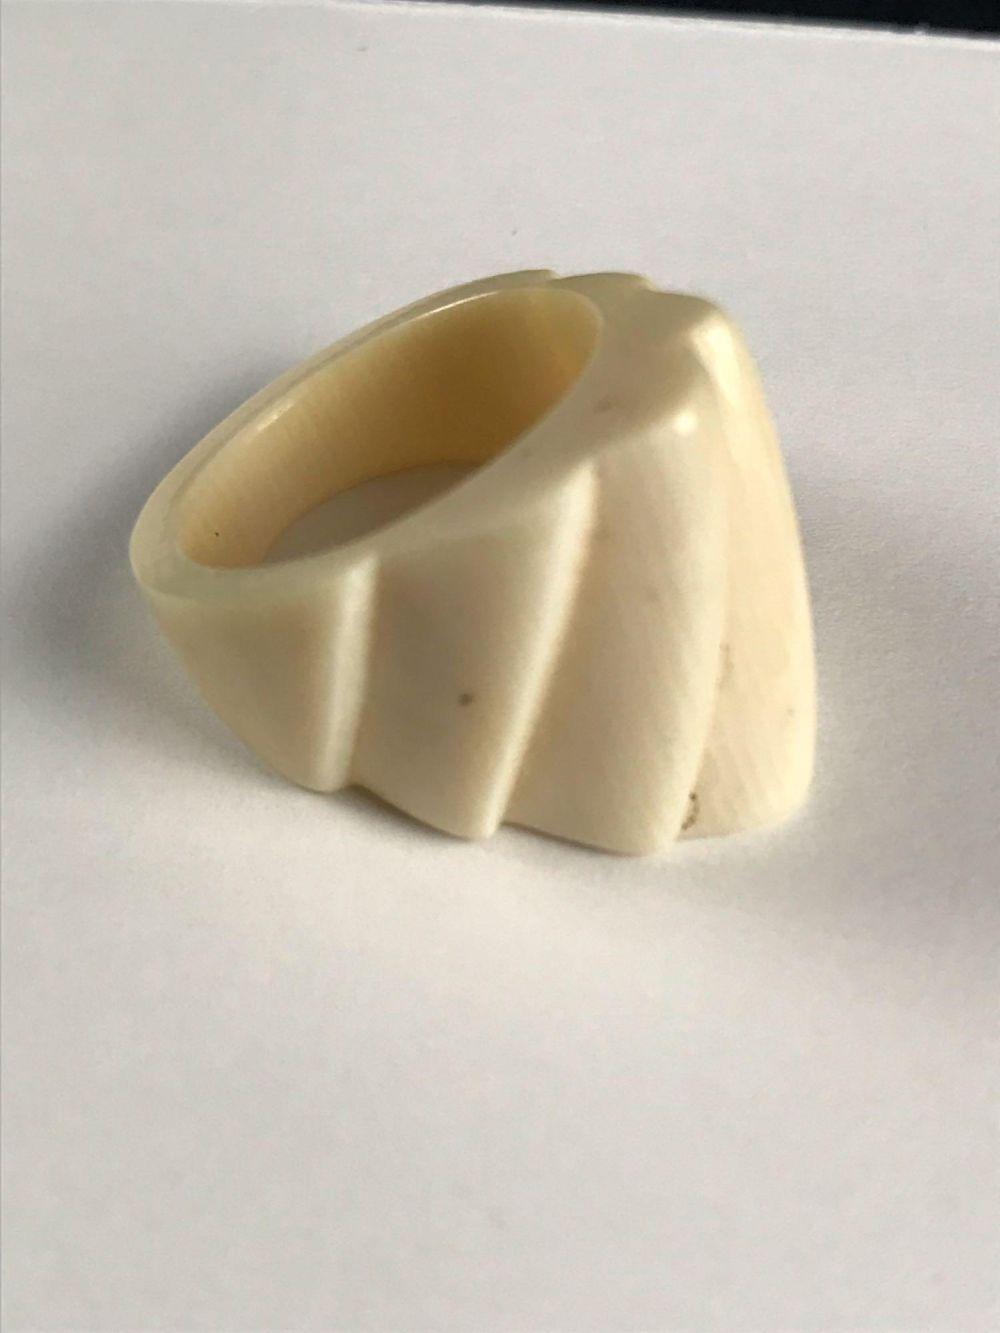 Lot 502: Vintage Carved Bone Ring